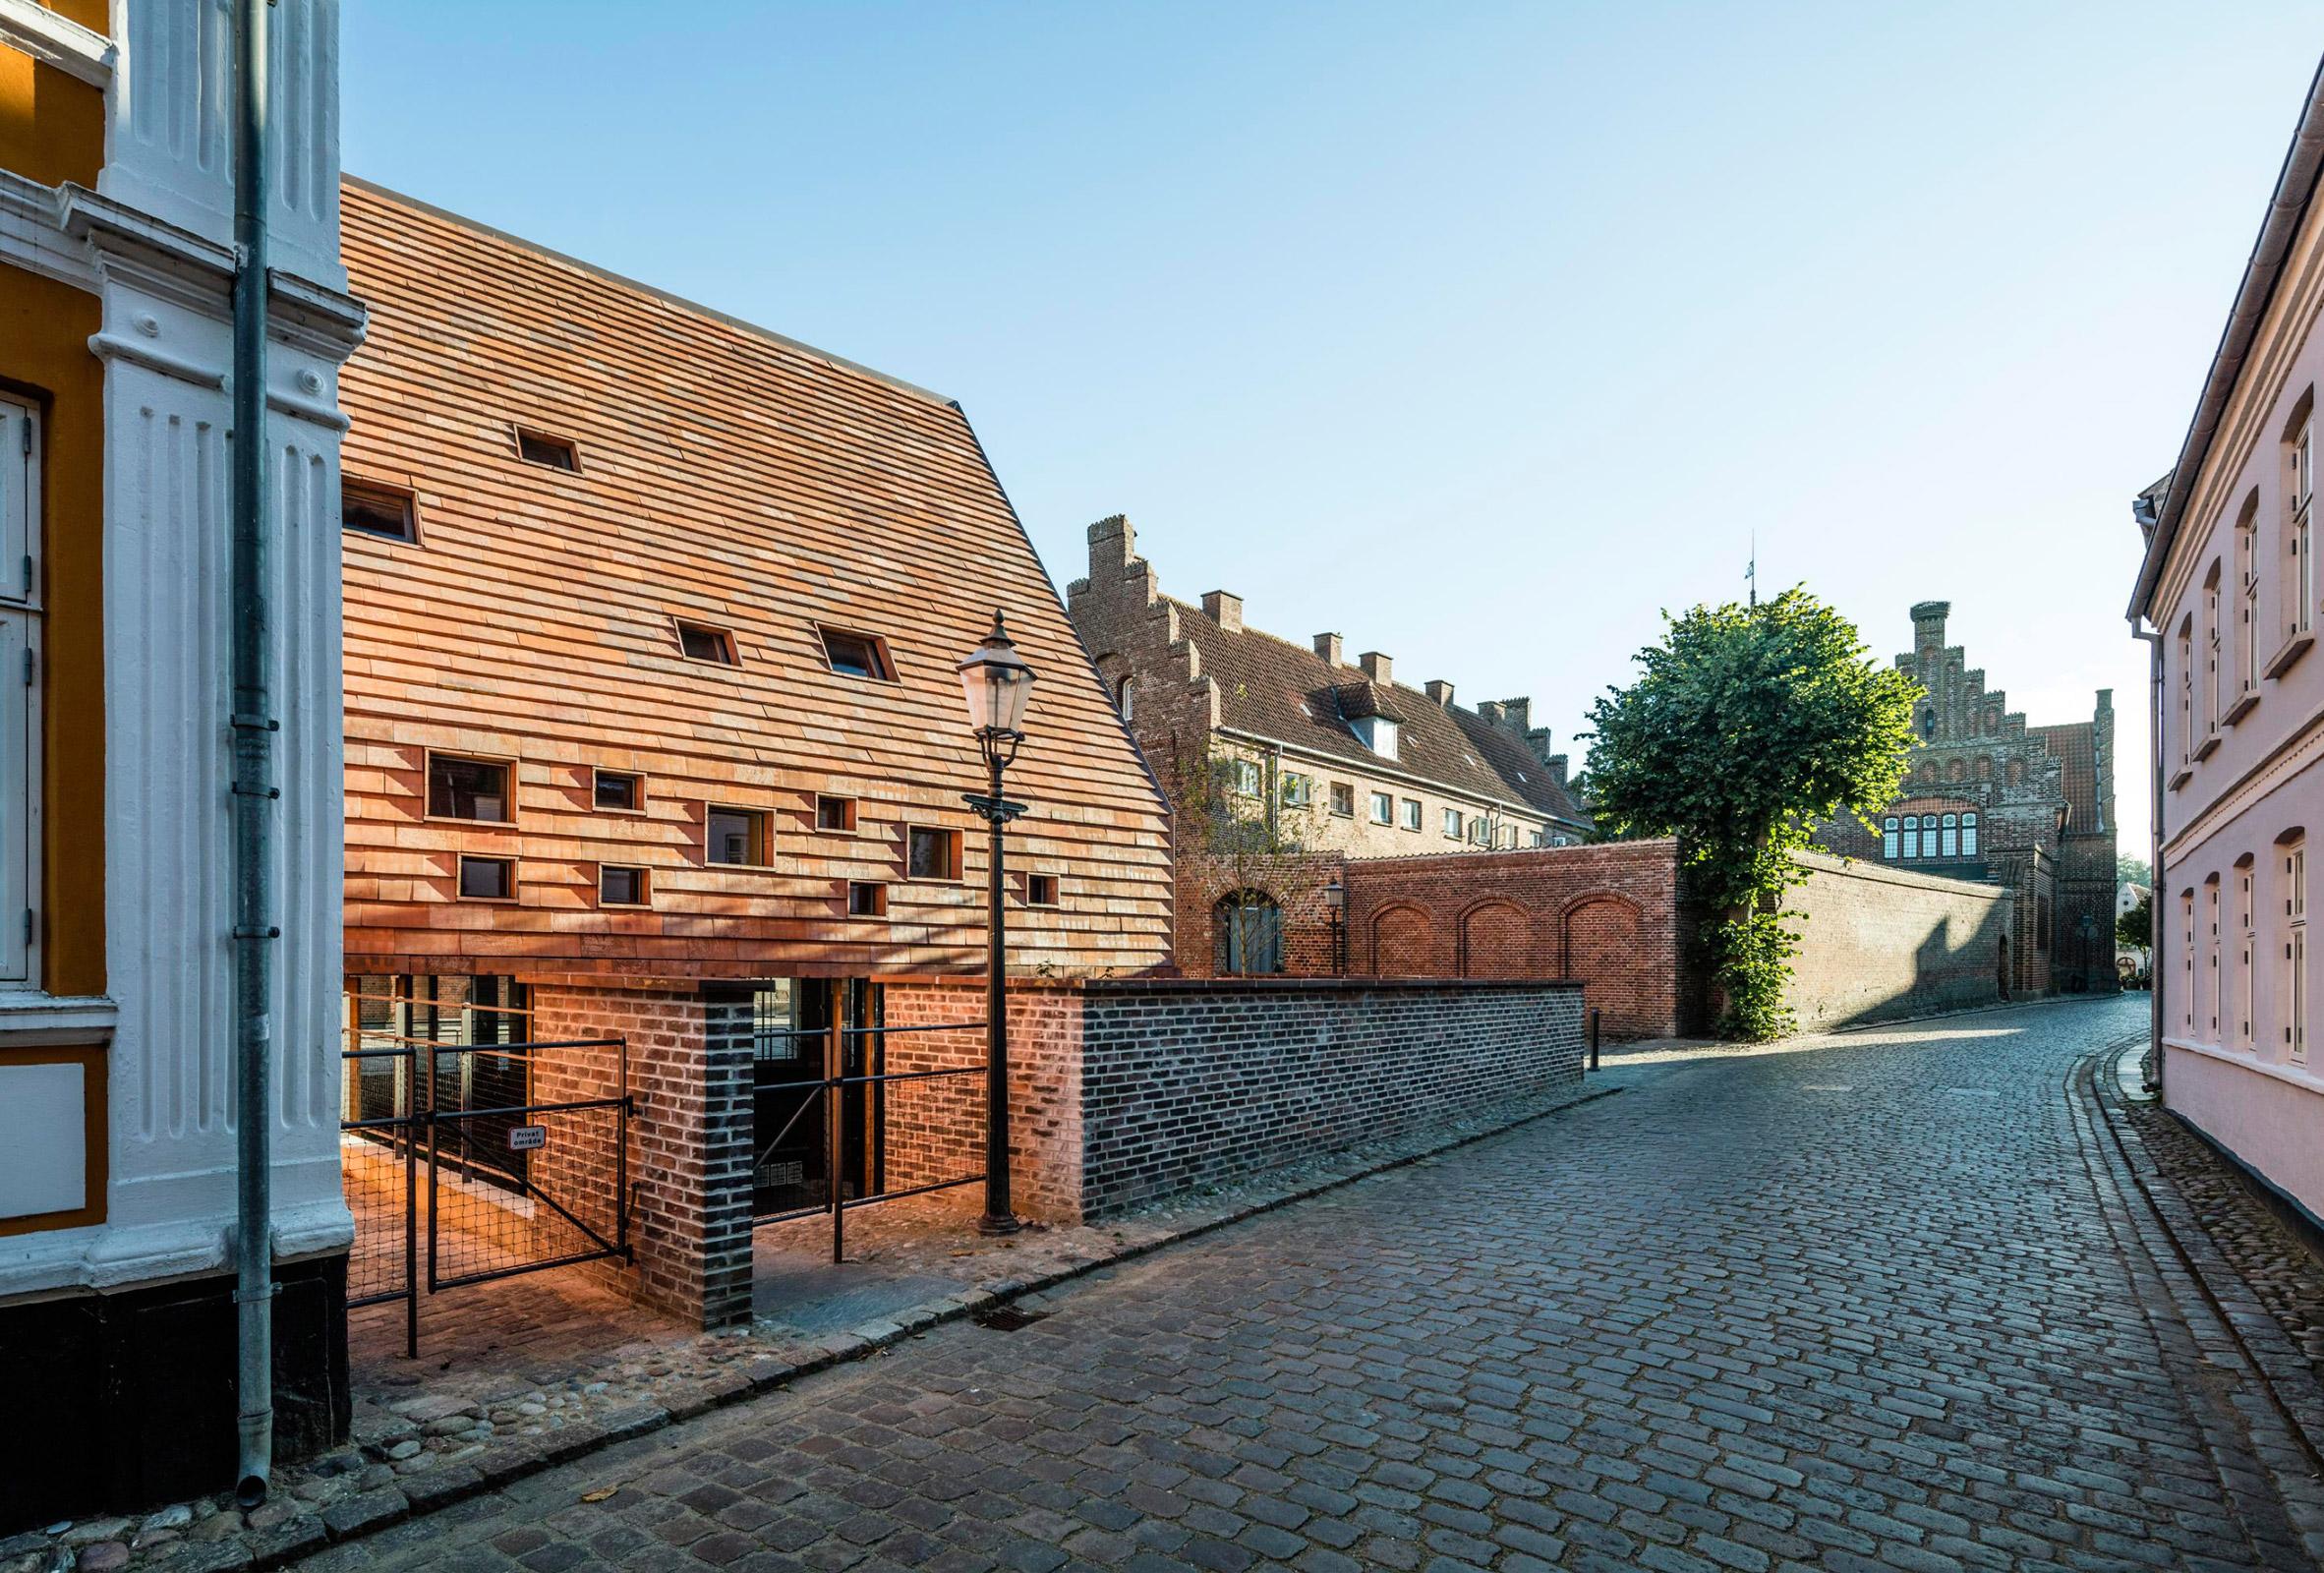 Lundgaard & Tranberg's tile-clad building shelters medieval ruins in Denmark